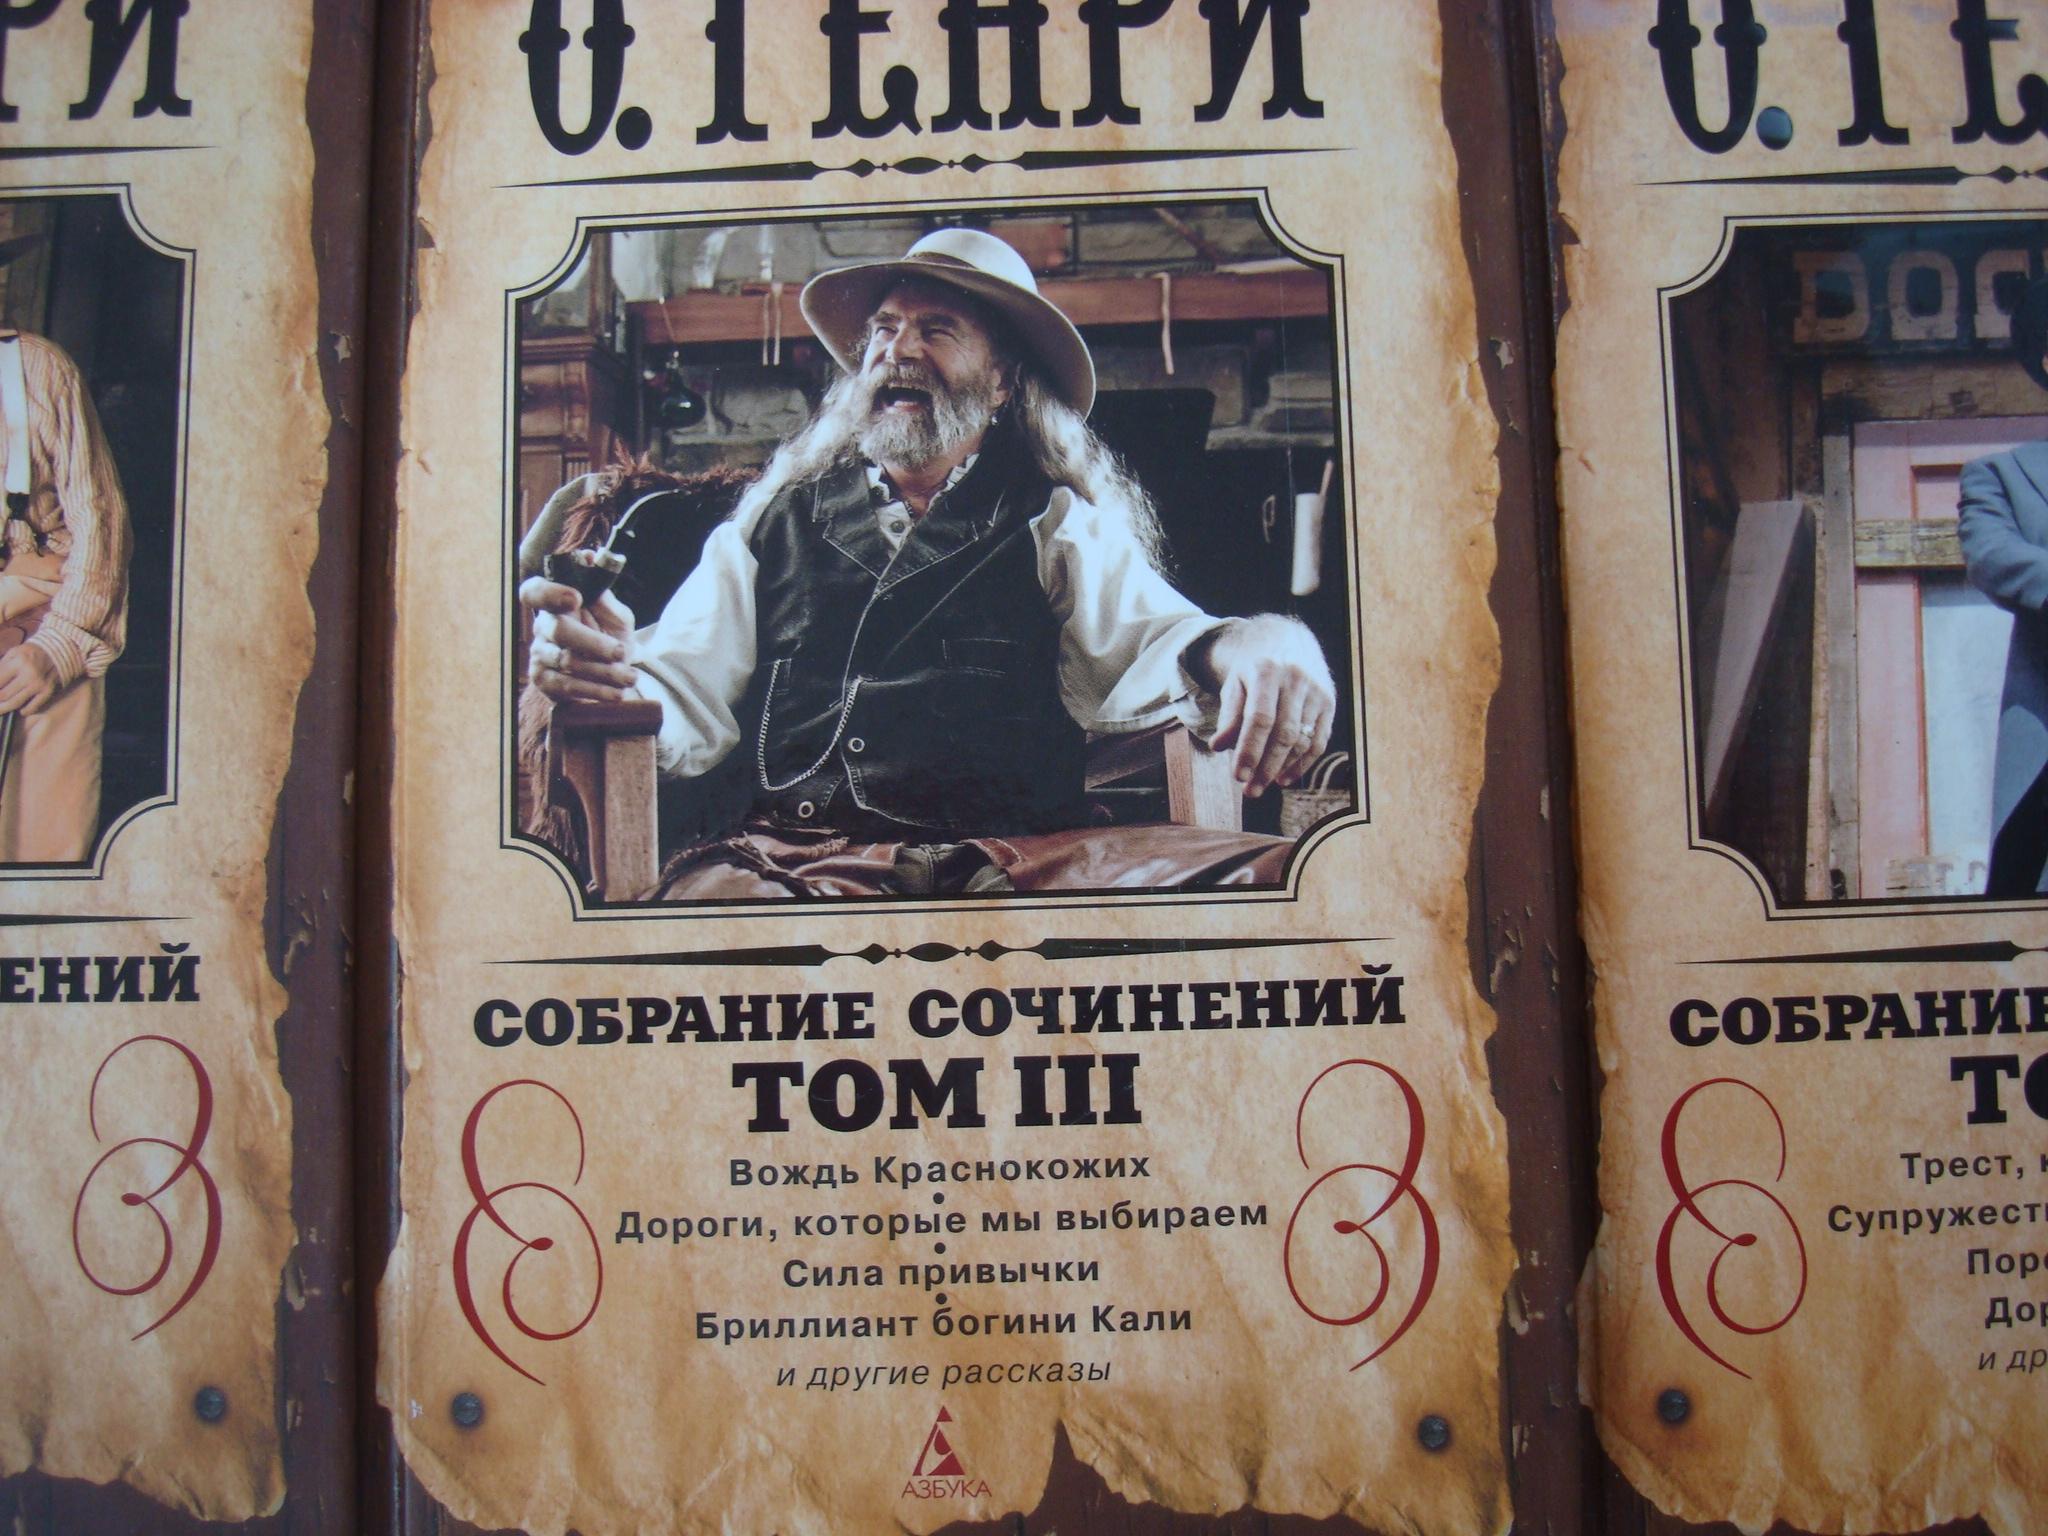 Продам собрание сочинений О Генри в красивом оформлении.  Кн